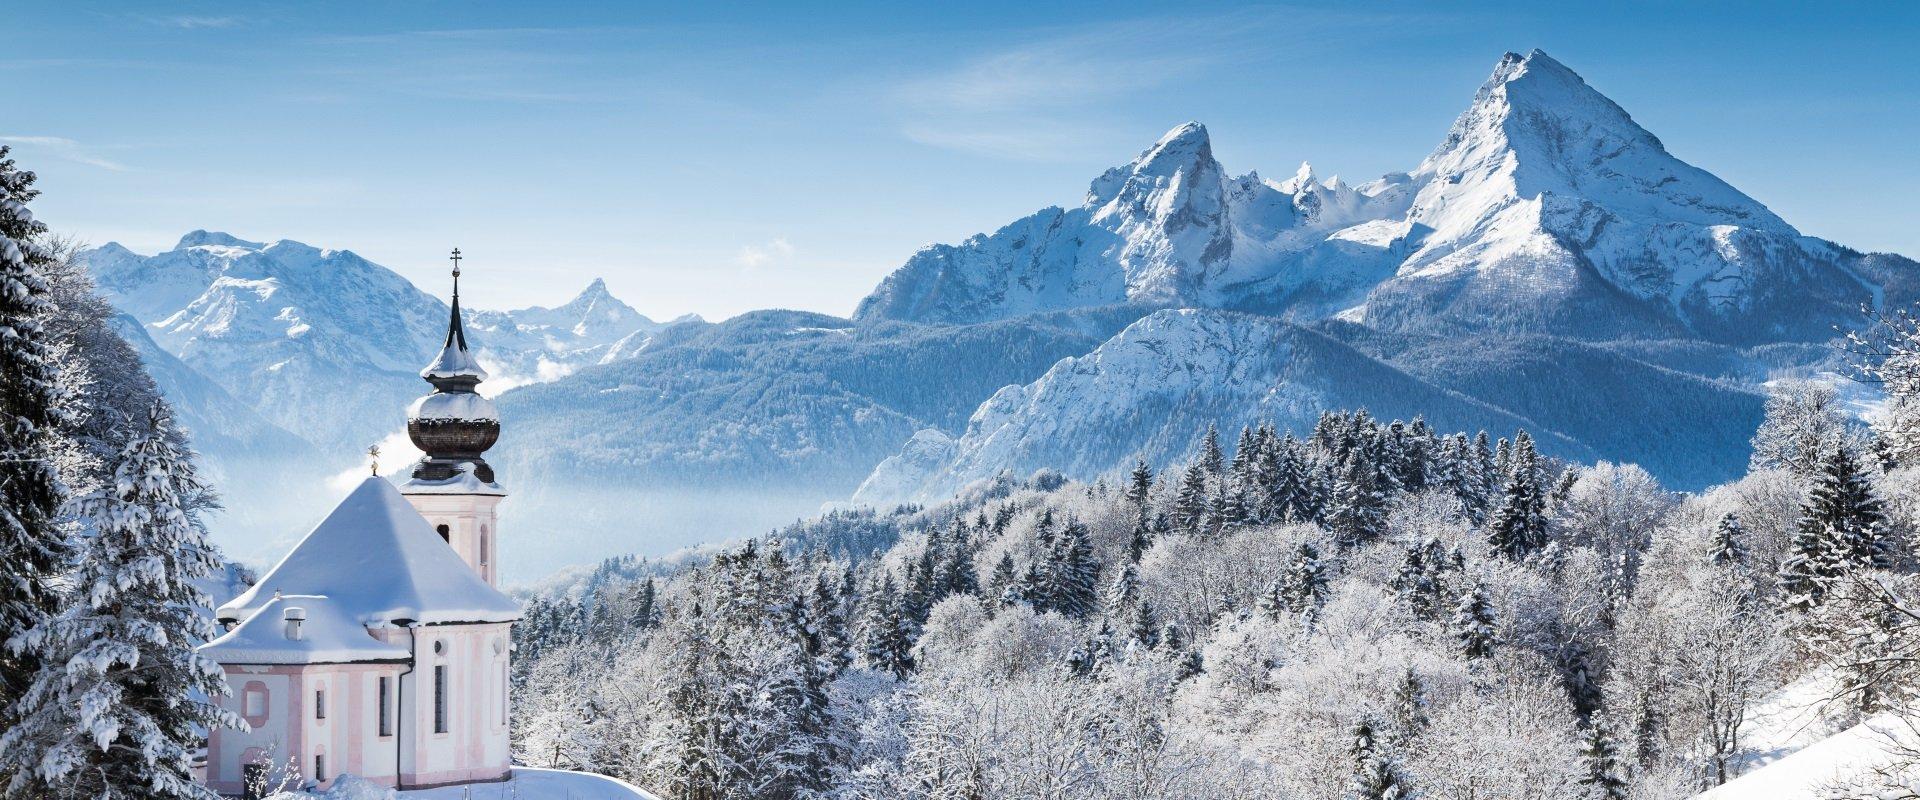 Salzburgerland-winter-sneeuw-oostenrijk